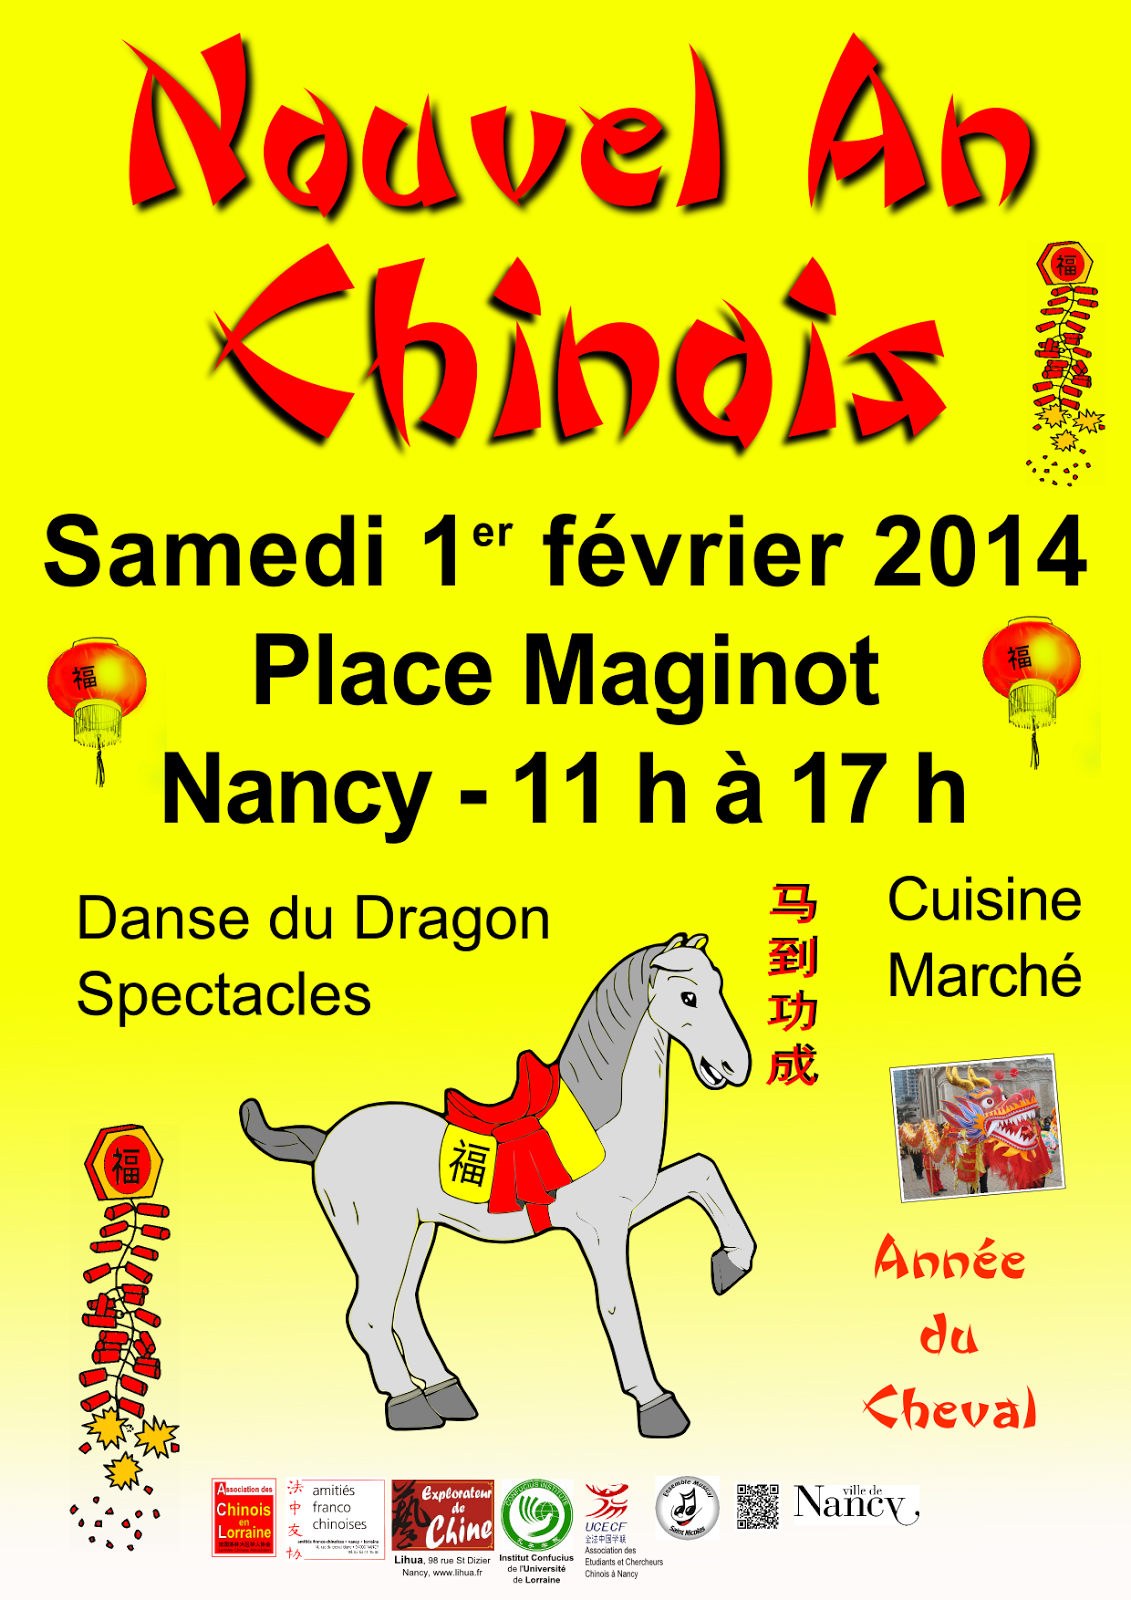 affiche du nouvel an chinois 2014 à Nancy - Année du Cheval